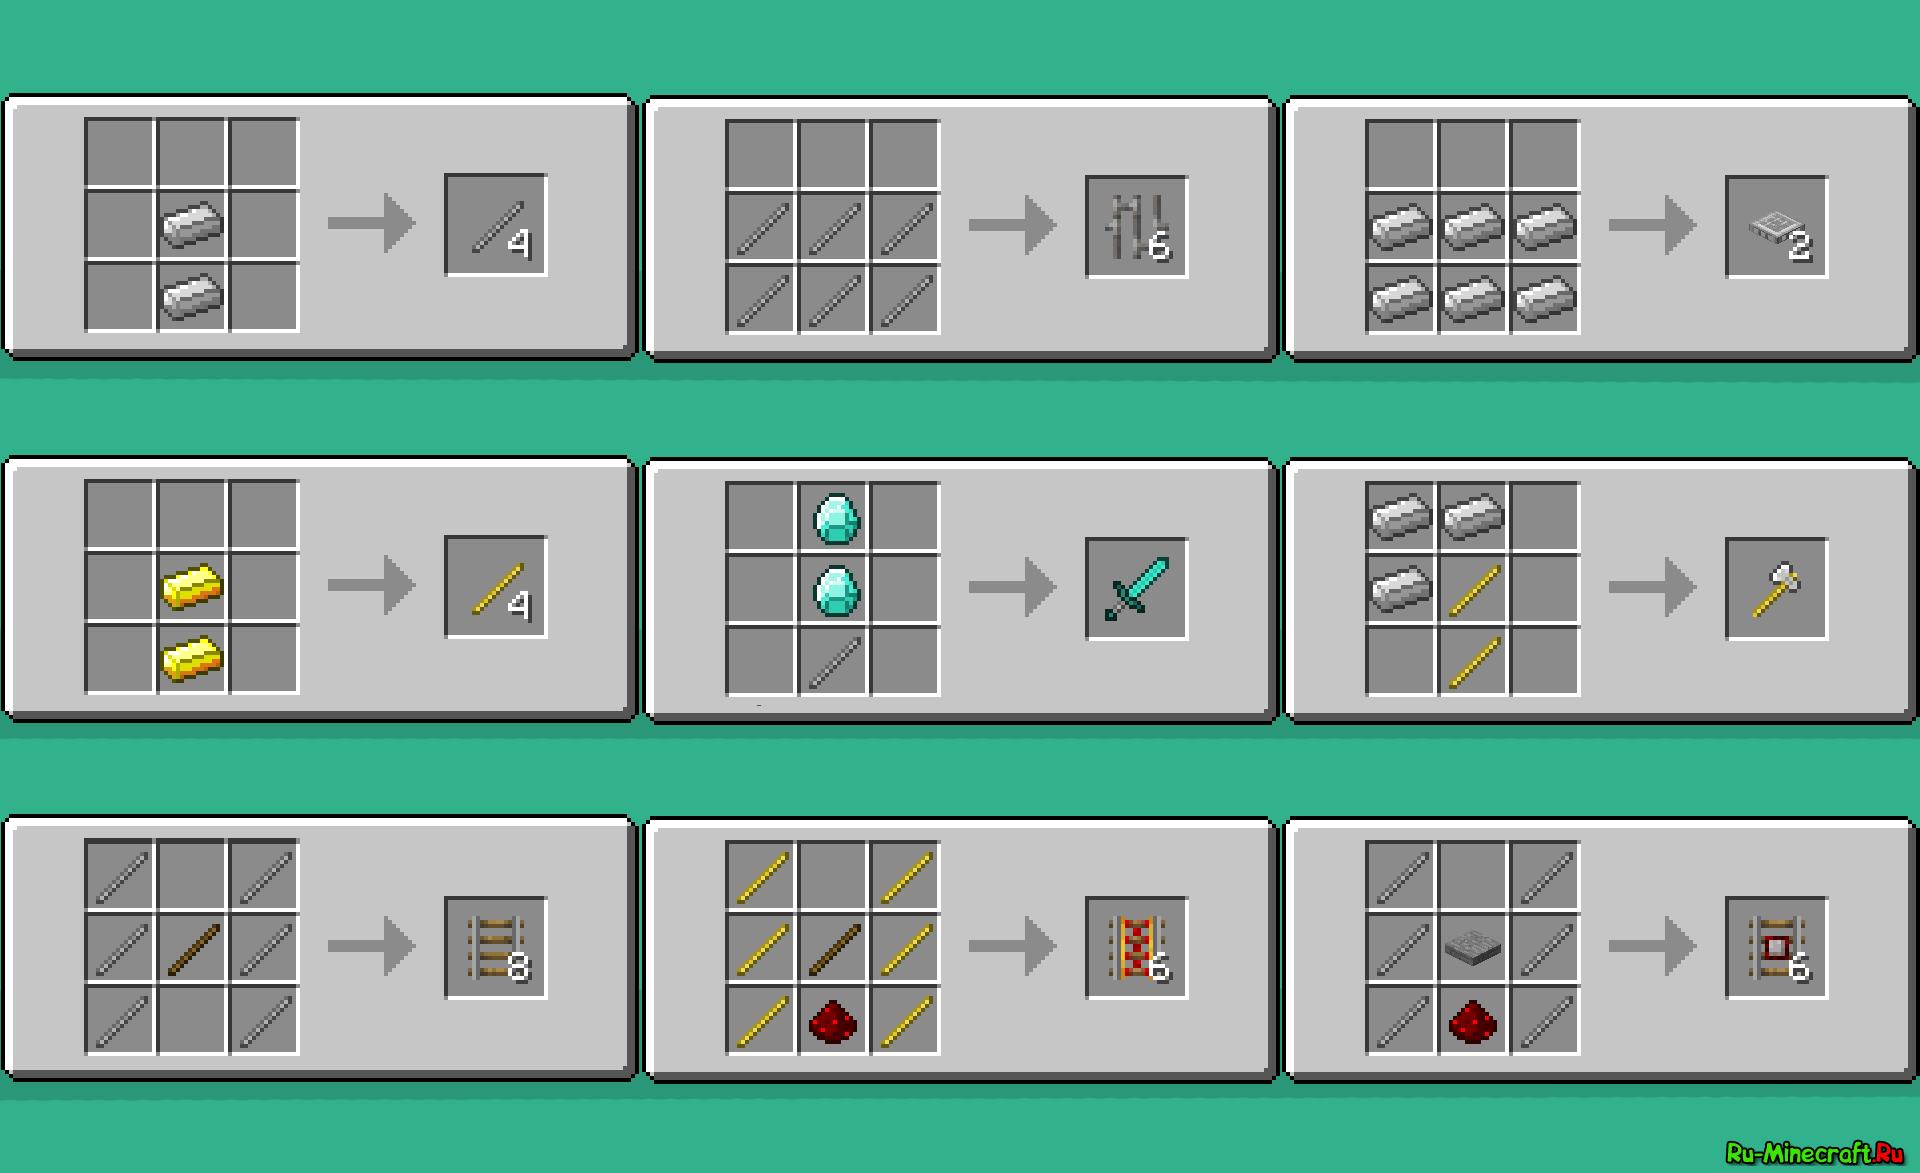 Как сделать в майнкрафте 1.5.2 - Minecraft